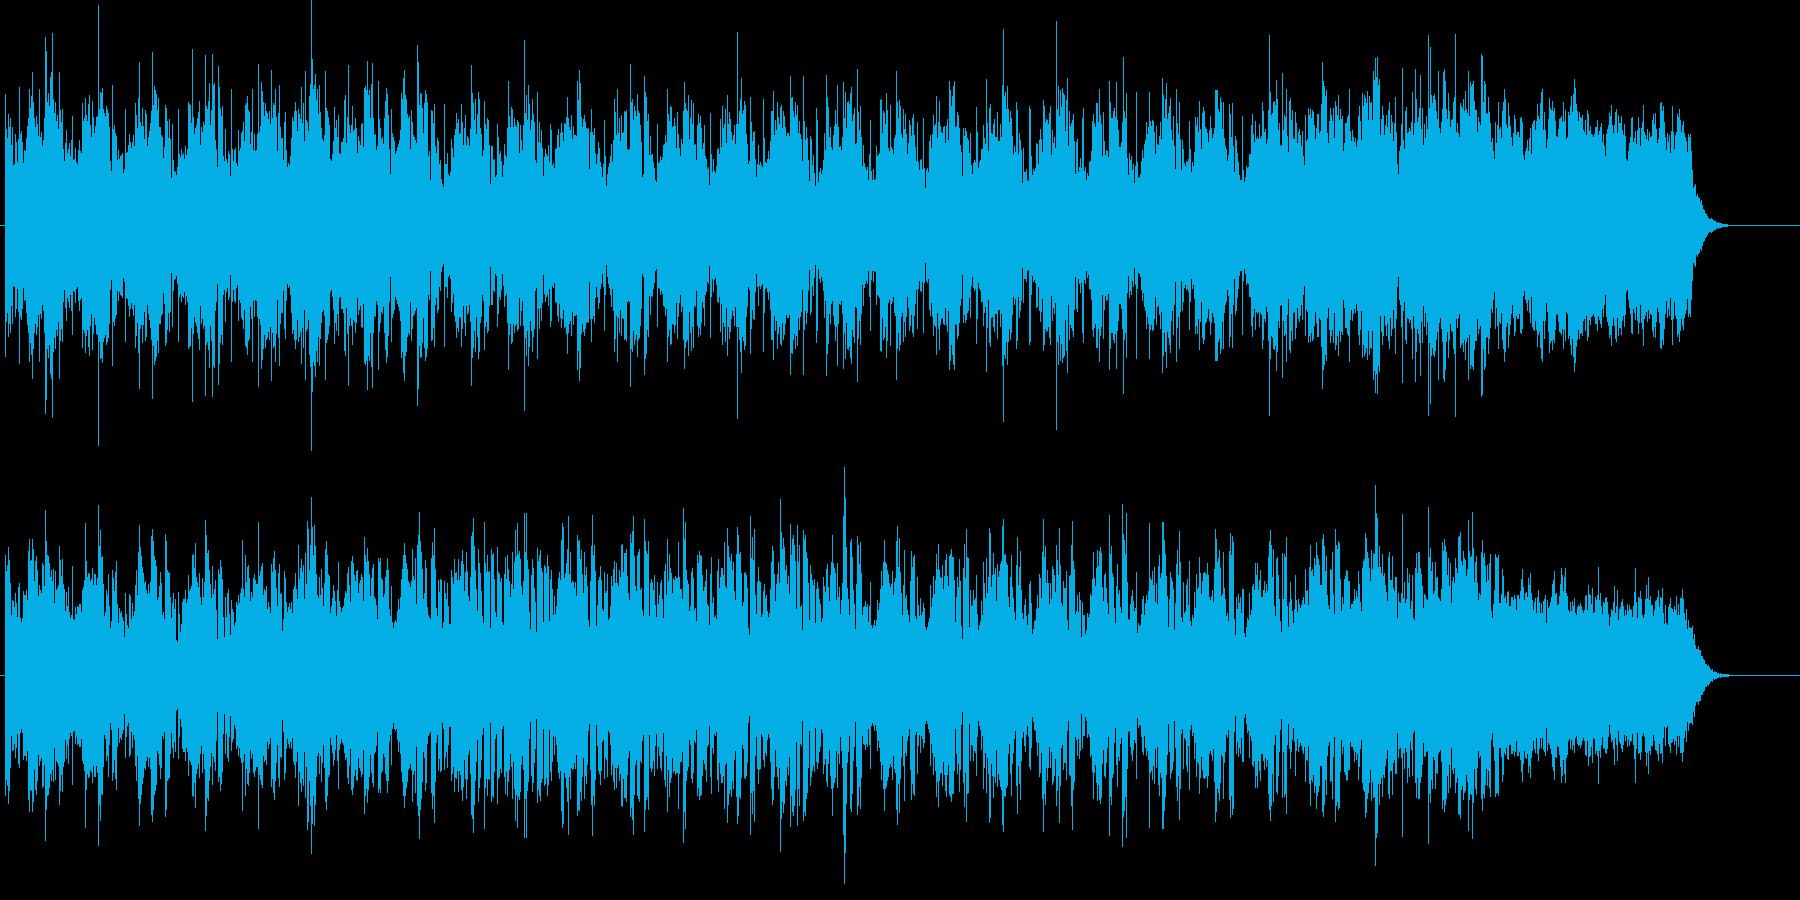 不安をはらんだ緊張感のあるBGMの再生済みの波形